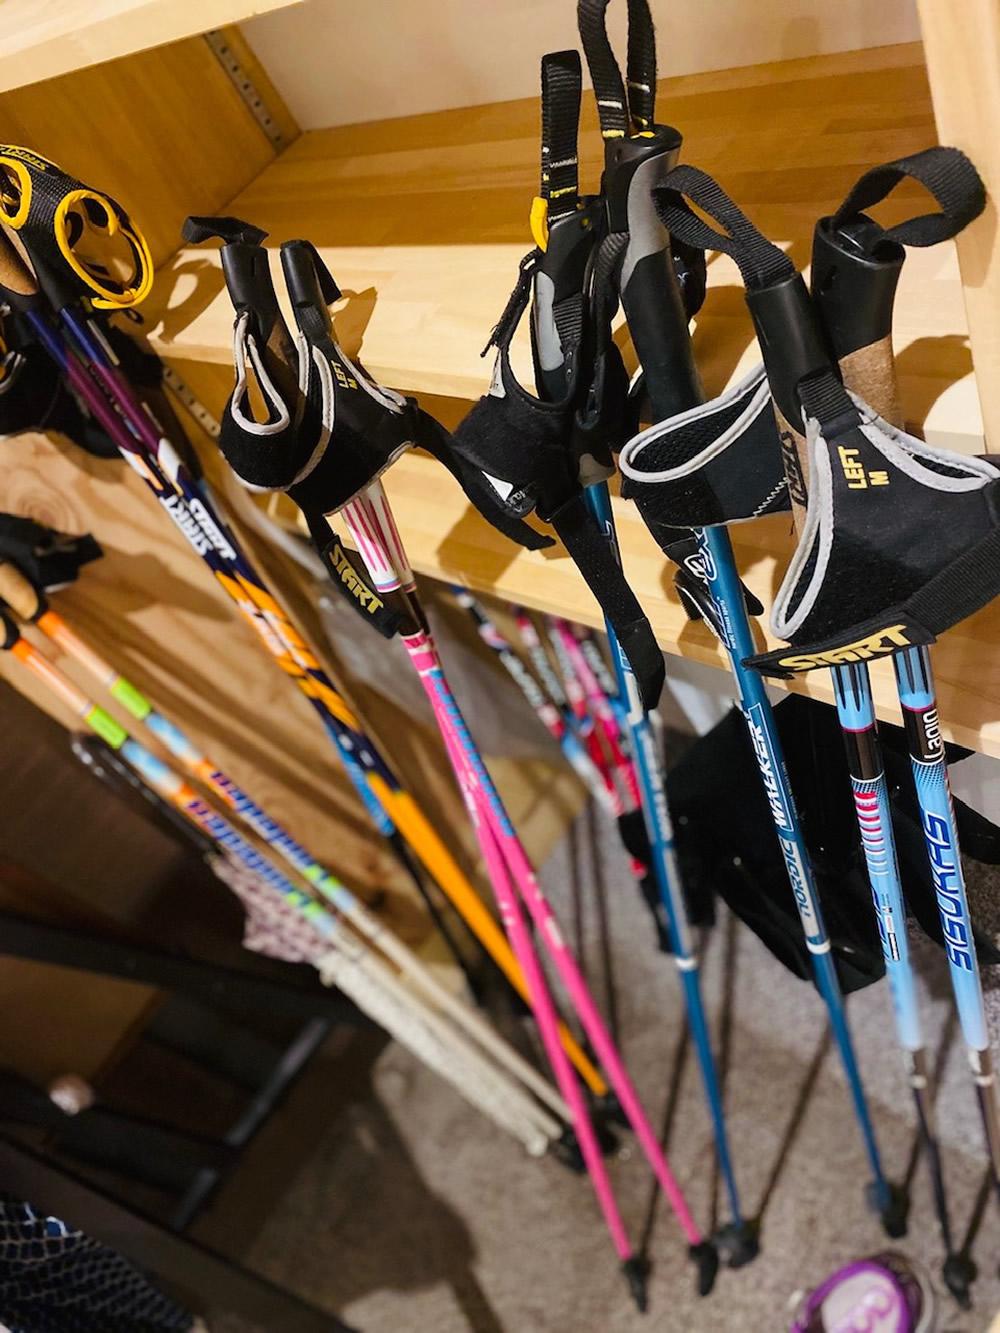 ◆ノルディックスポーツ専門店「Lapin Nordic Sports」◆の写真